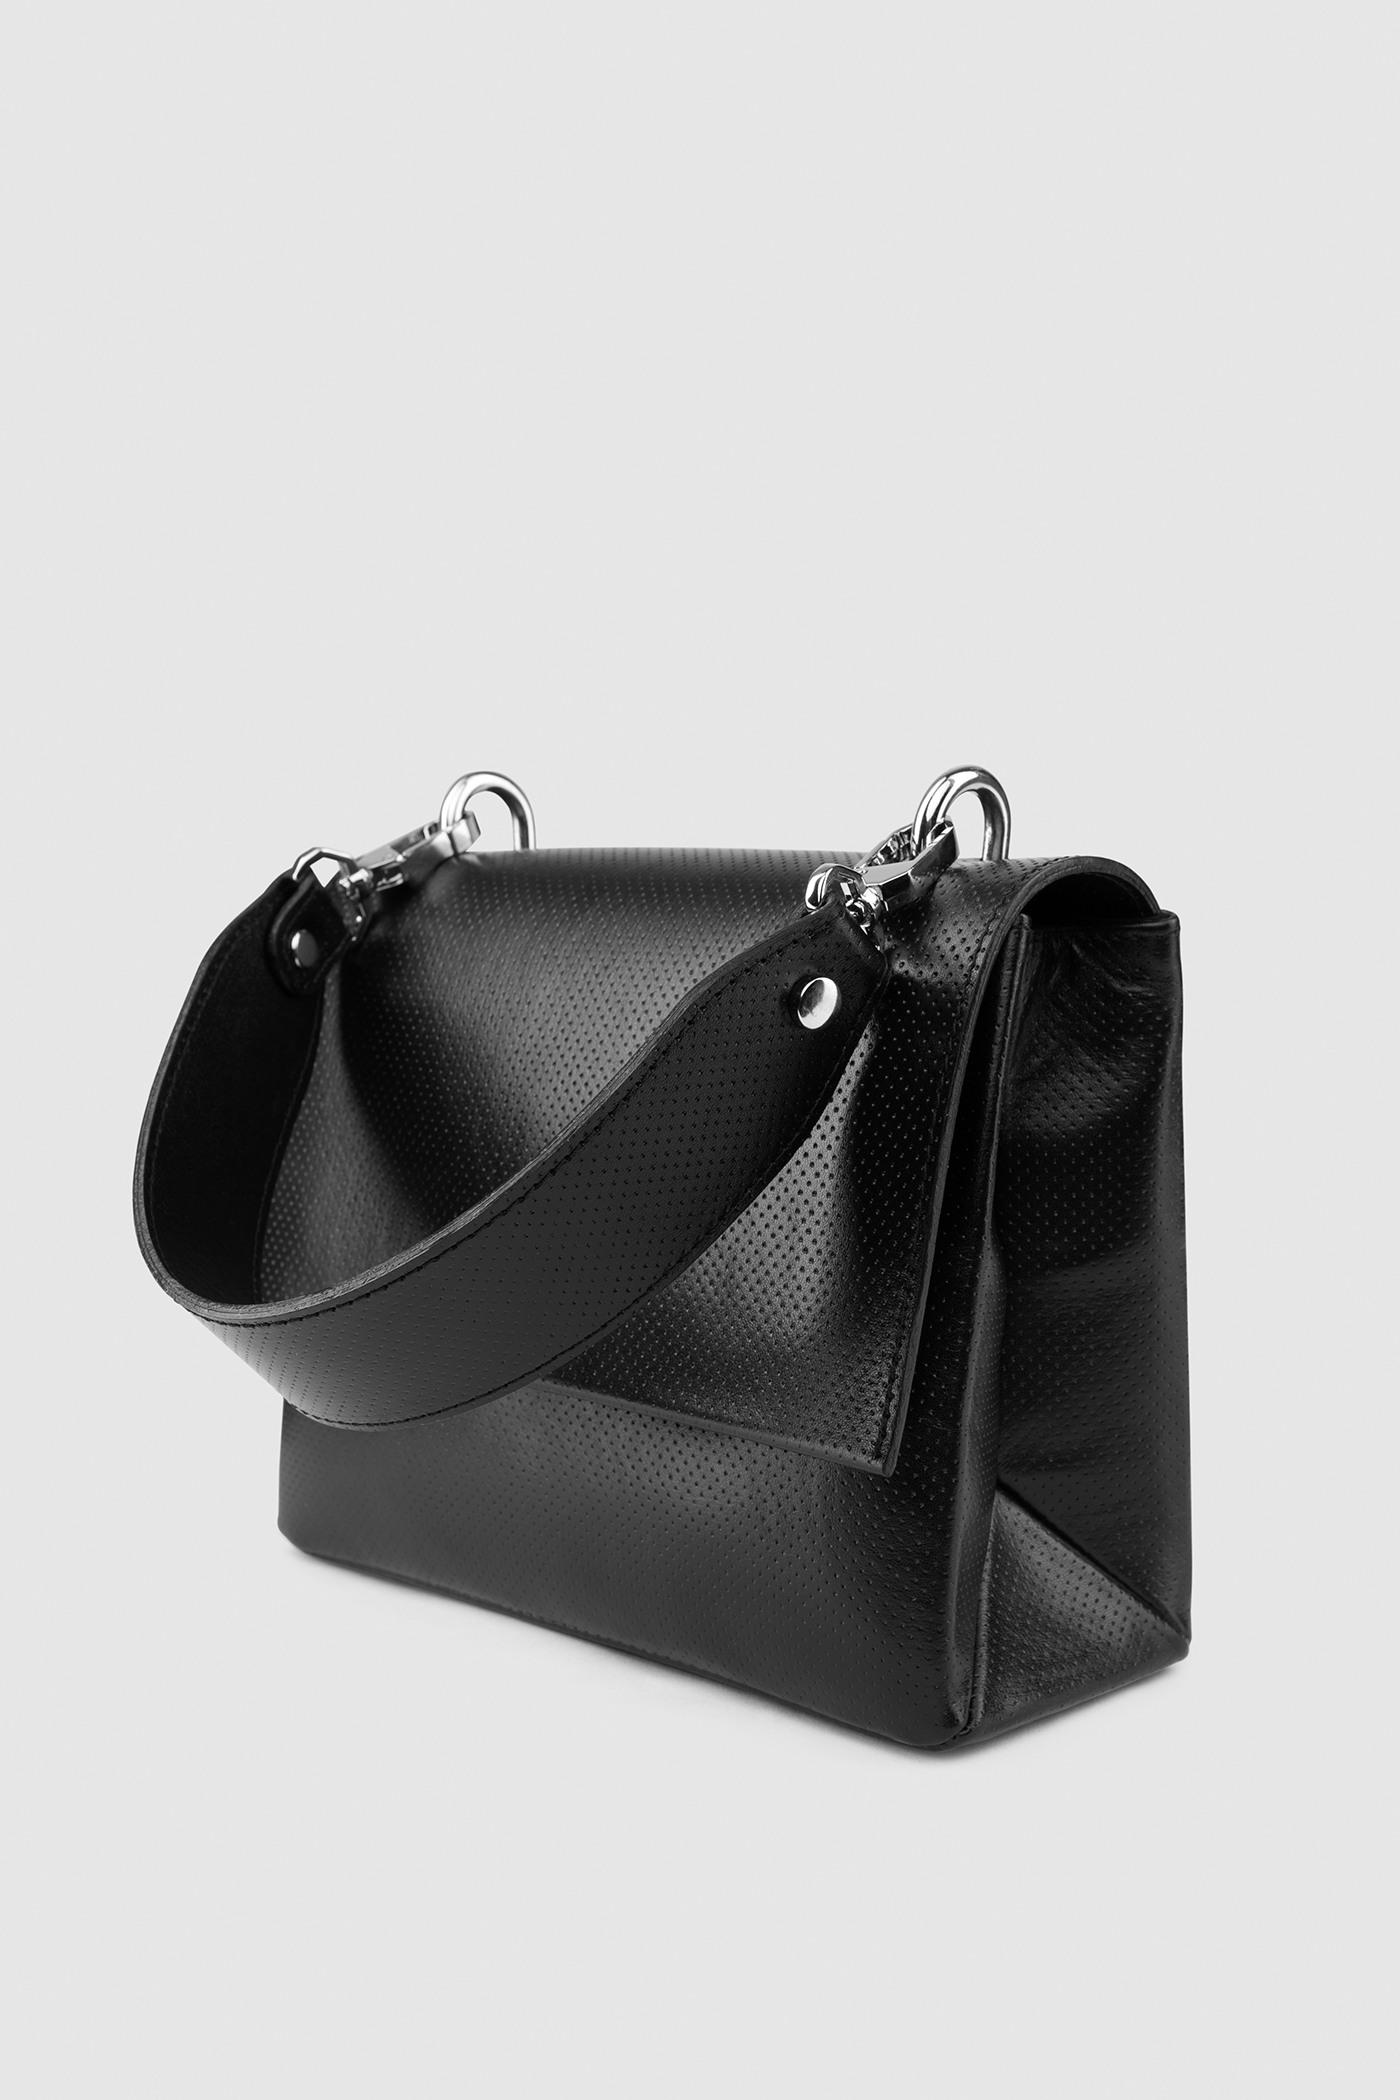 Сумка из перфорированной кожи с ремнем на выборКаркасная объемная сумка из перфорированной кожи со съемной ручкой на карабинах. На верхнем клапане с магнитной застежкой тиснение серебряными буквами логотипа ASYA MALBERSHTEIN. Узкий карман на молнии с обратной стороны. Внутреннее отделение на подкладке с карманом. Дополнительно в комплекте к сумке широкий съемный ремешок на Ваш выбор. Ремень входит в стоимость комплекта. Прилагается чехол для хранения.&#13;<br>&#13;<br>Размеры&#13;<br>Высота: 16,5 см&#13;<br>Длина: 21 см&#13;<br>Глубина: 8,5 см&#13;<br>Высота ремешка: 80 см&#13;<br>Высота ручки: 37 см<br><br>Цвет: Черный